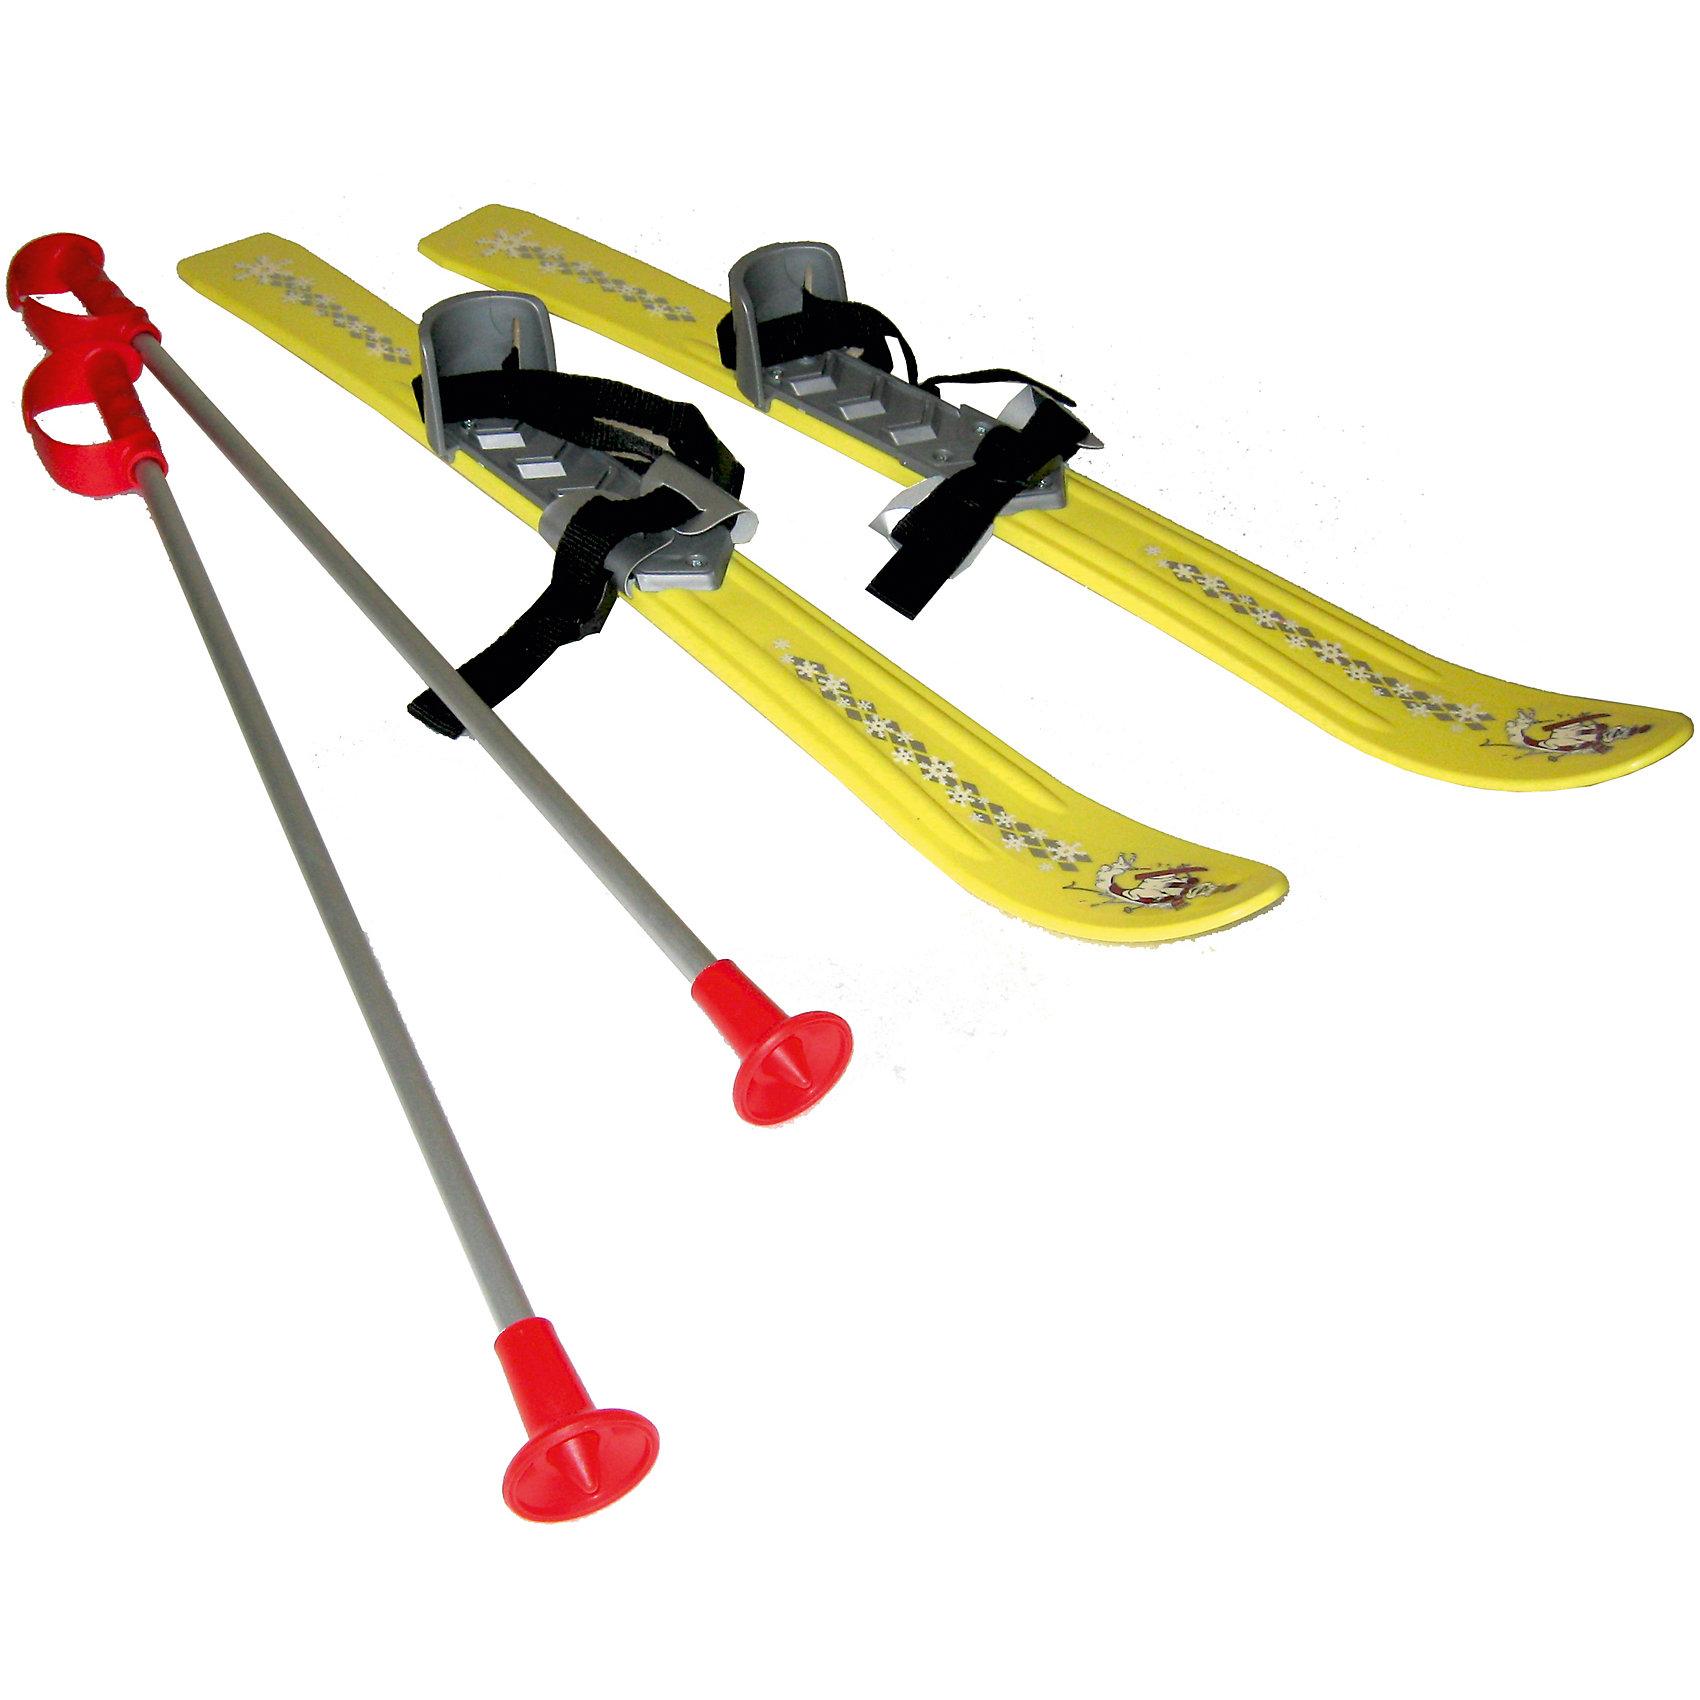 Лыжи Baby Ski 70Катание на лыжах - прекрасный вариант для активного отдыха зимой. Яркие лыжи вызовут у детей бурю положительных эмоций и помогут быстро научиться кататься. Модель оснащена удобными креплениями, которые подходят для любой обуви и антискользящей накладкой, помогающей сохранить неподвижность стопы во время катания. Лыжи украшены узором в виде снежинок. Удобные палки имеют пластиковые петли для рук и пластиковые, безопасные наконечники. Отличный вариант для зимних забав! Игры и прогулки на свежем воздухе очень полезны для детей, они укрепляют иммунитет ребенка и, конечно, дарят хорошее настроение. <br><br>Дополнительная информация:<br><br>- Материал: пластик.<br>- Размер (лыжи): 70 х 7,5 см. <br>- Длина палок: 65 см.<br>- Комплектация: палки, лыжи. <br>- Удобные крепления с антискользящей накладкой. <br>- Максимальная нагрузка: 50 кг.<br>- Цвет: желтый.<br><br>Лыжи Baby Ski 70 можно купить в нашем магазине.<br><br>Ширина мм: 720<br>Глубина мм: 700<br>Высота мм: 220<br>Вес г: 980<br>Возраст от месяцев: 36<br>Возраст до месяцев: 96<br>Пол: Унисекс<br>Возраст: Детский<br>SKU: 4295762